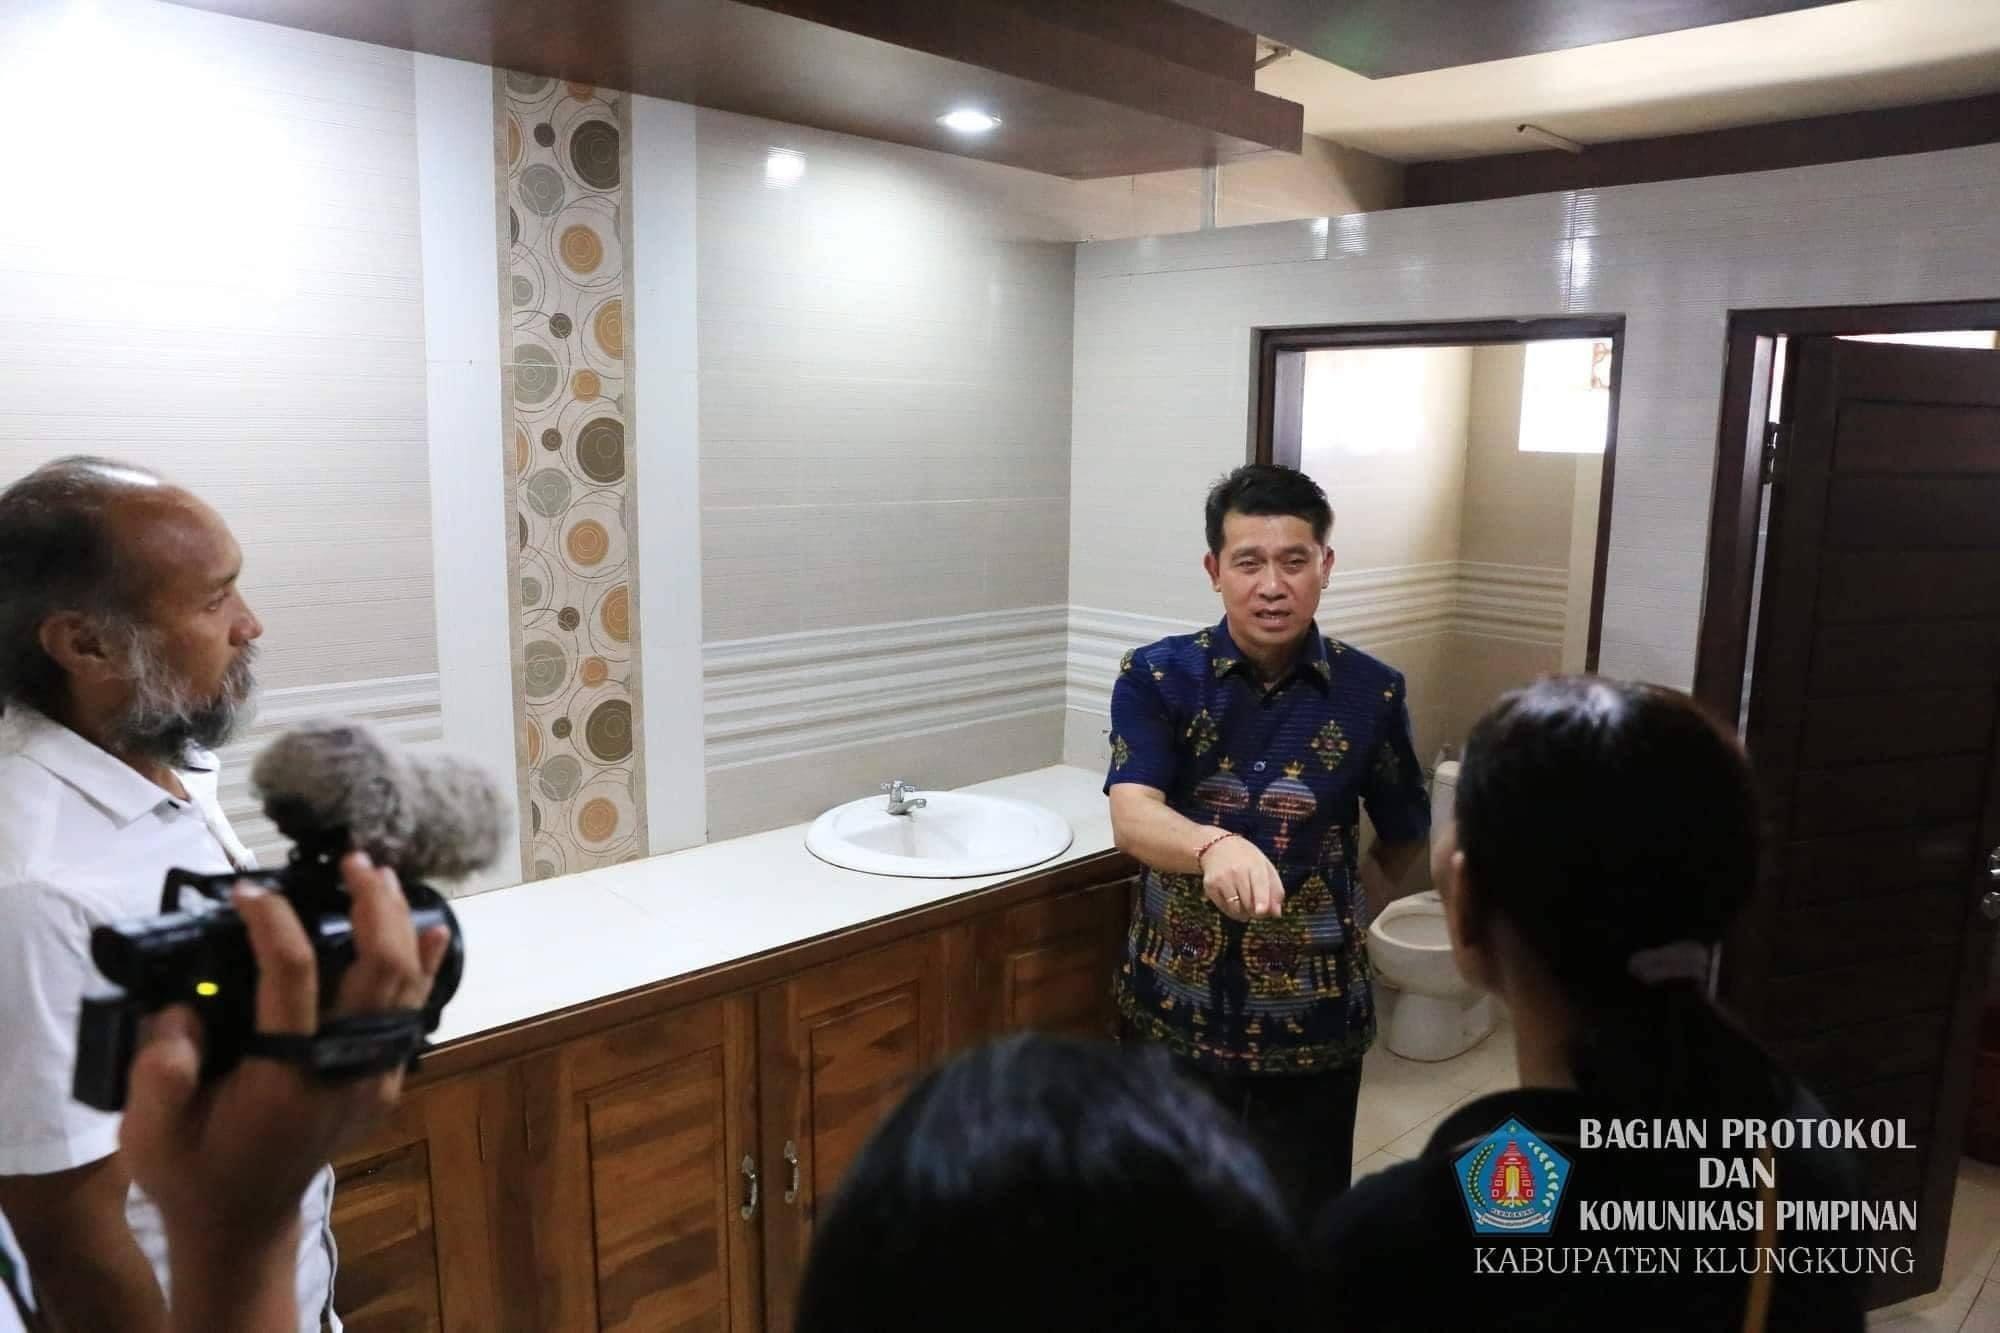 Bupati Geram, Fasilitas Toilet Balai Budaya Dicuri Orang